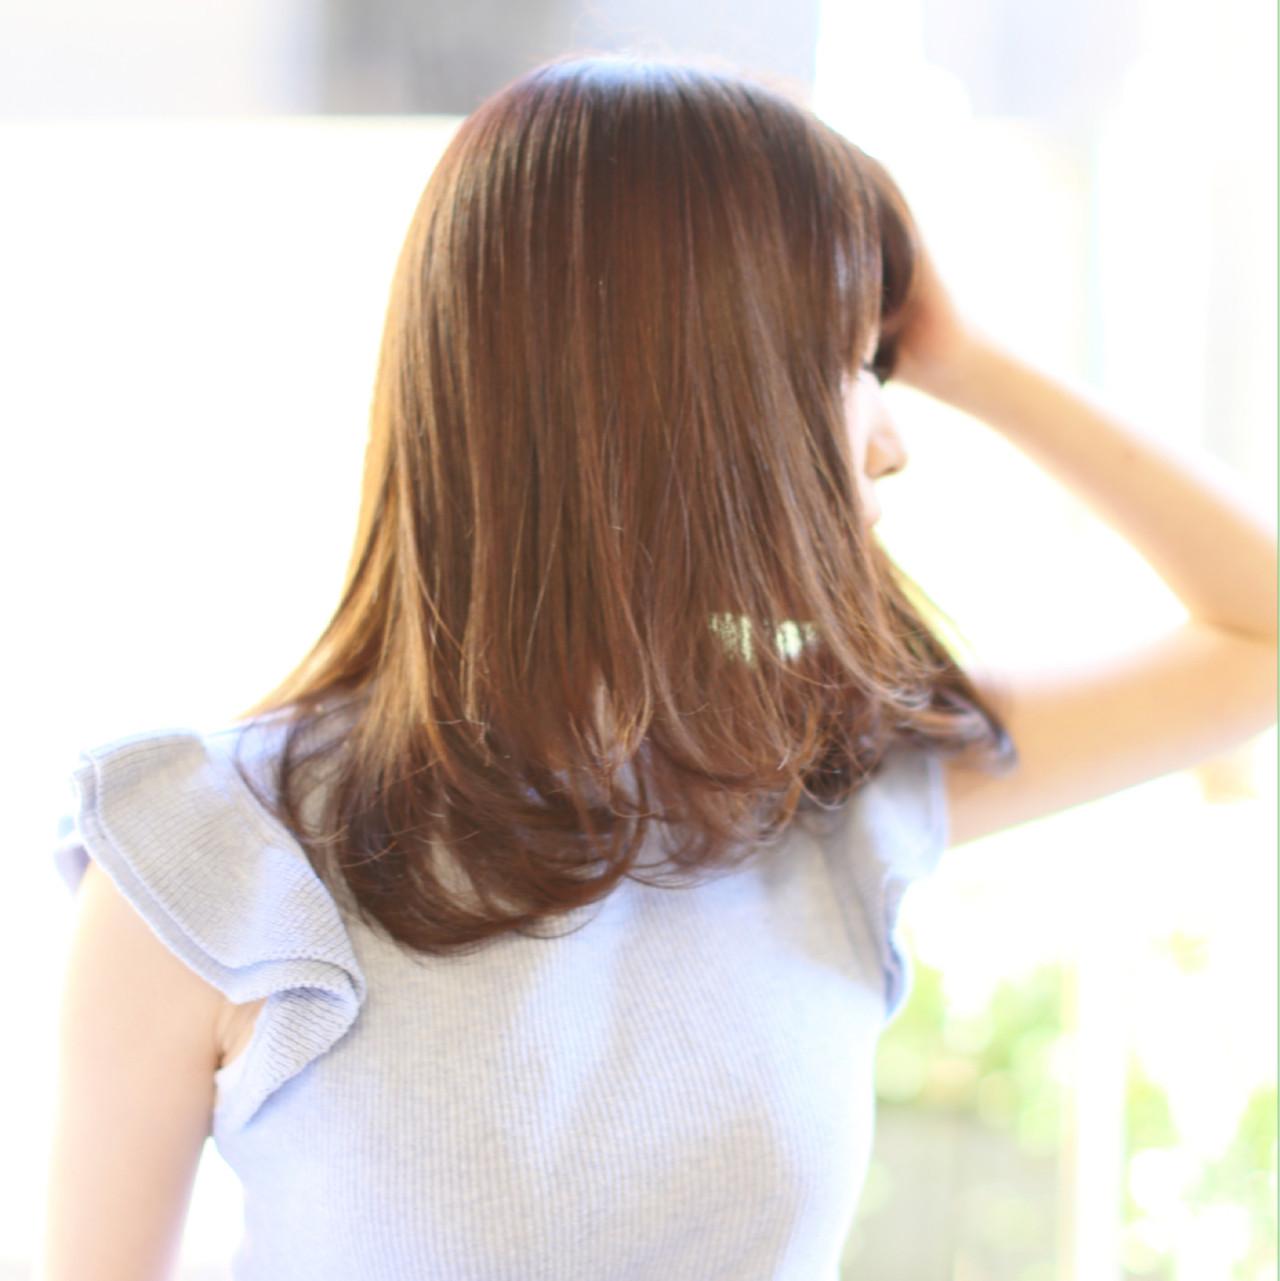 縮毛矯正とカラーは一緒にできるの?もっと詳しく知りたいヘアケア事情 Taku Yokose (Digz hair)